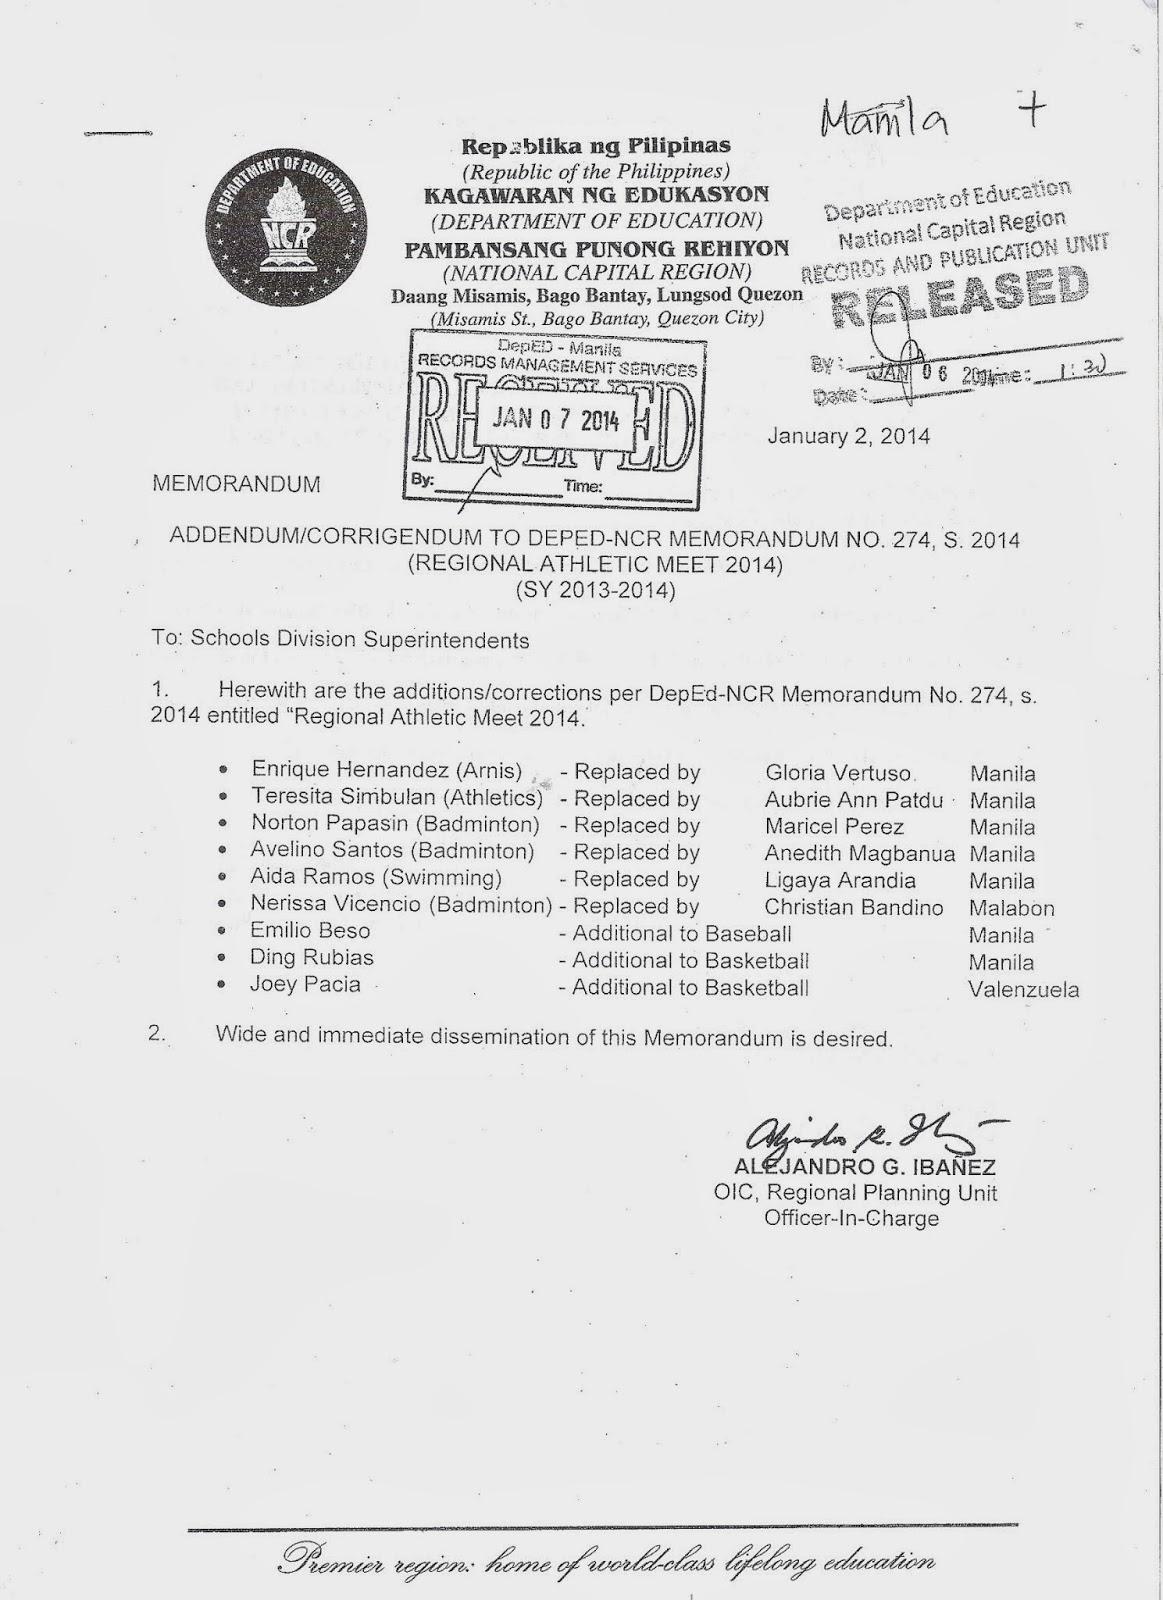 Department of Education Manila: Division Memorandum No. 34